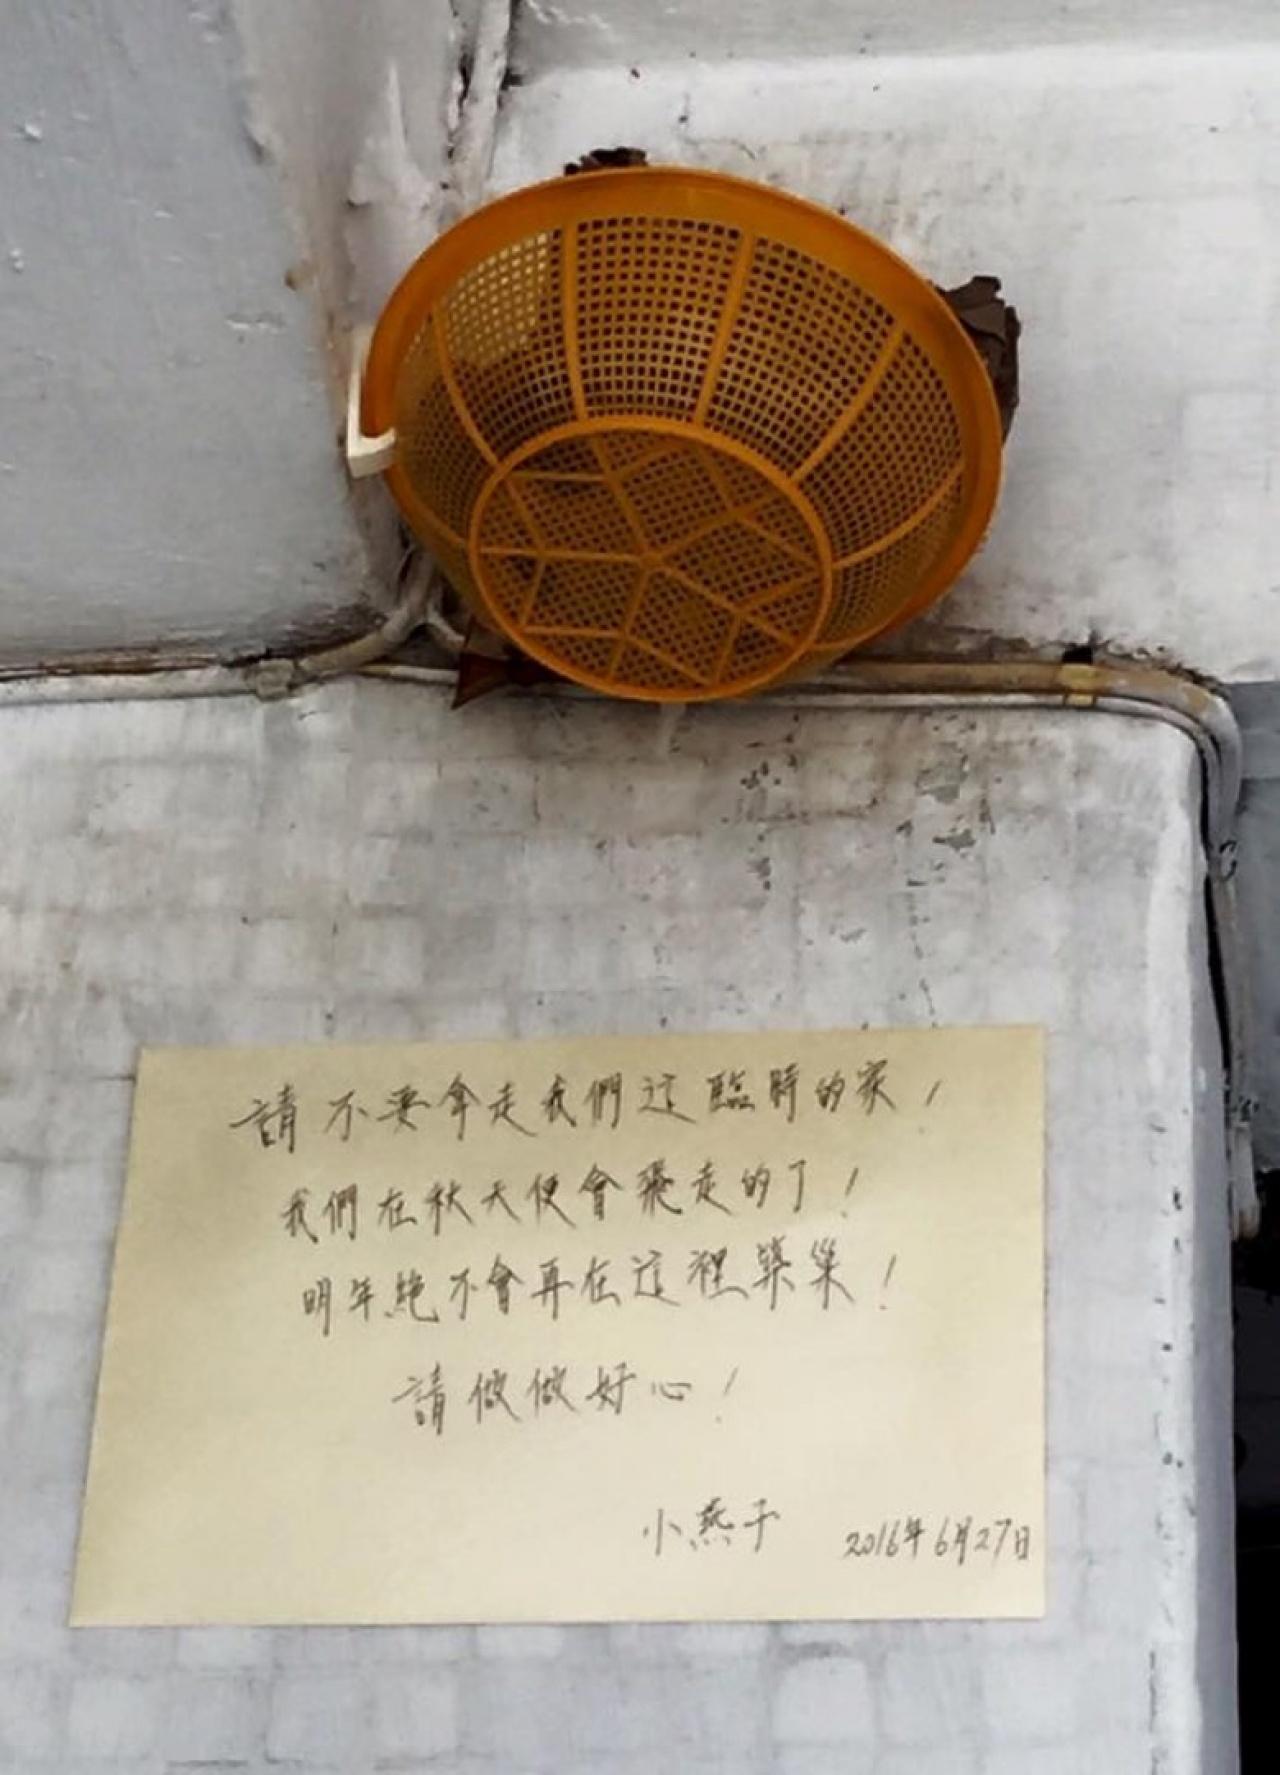 但燕巢在6月底被人拆掉,街坊情急下買來膠筲箕權充人工燕巢,為雛燕找回臨時的家。(Facebook專頁「長洲足跡」圖片)